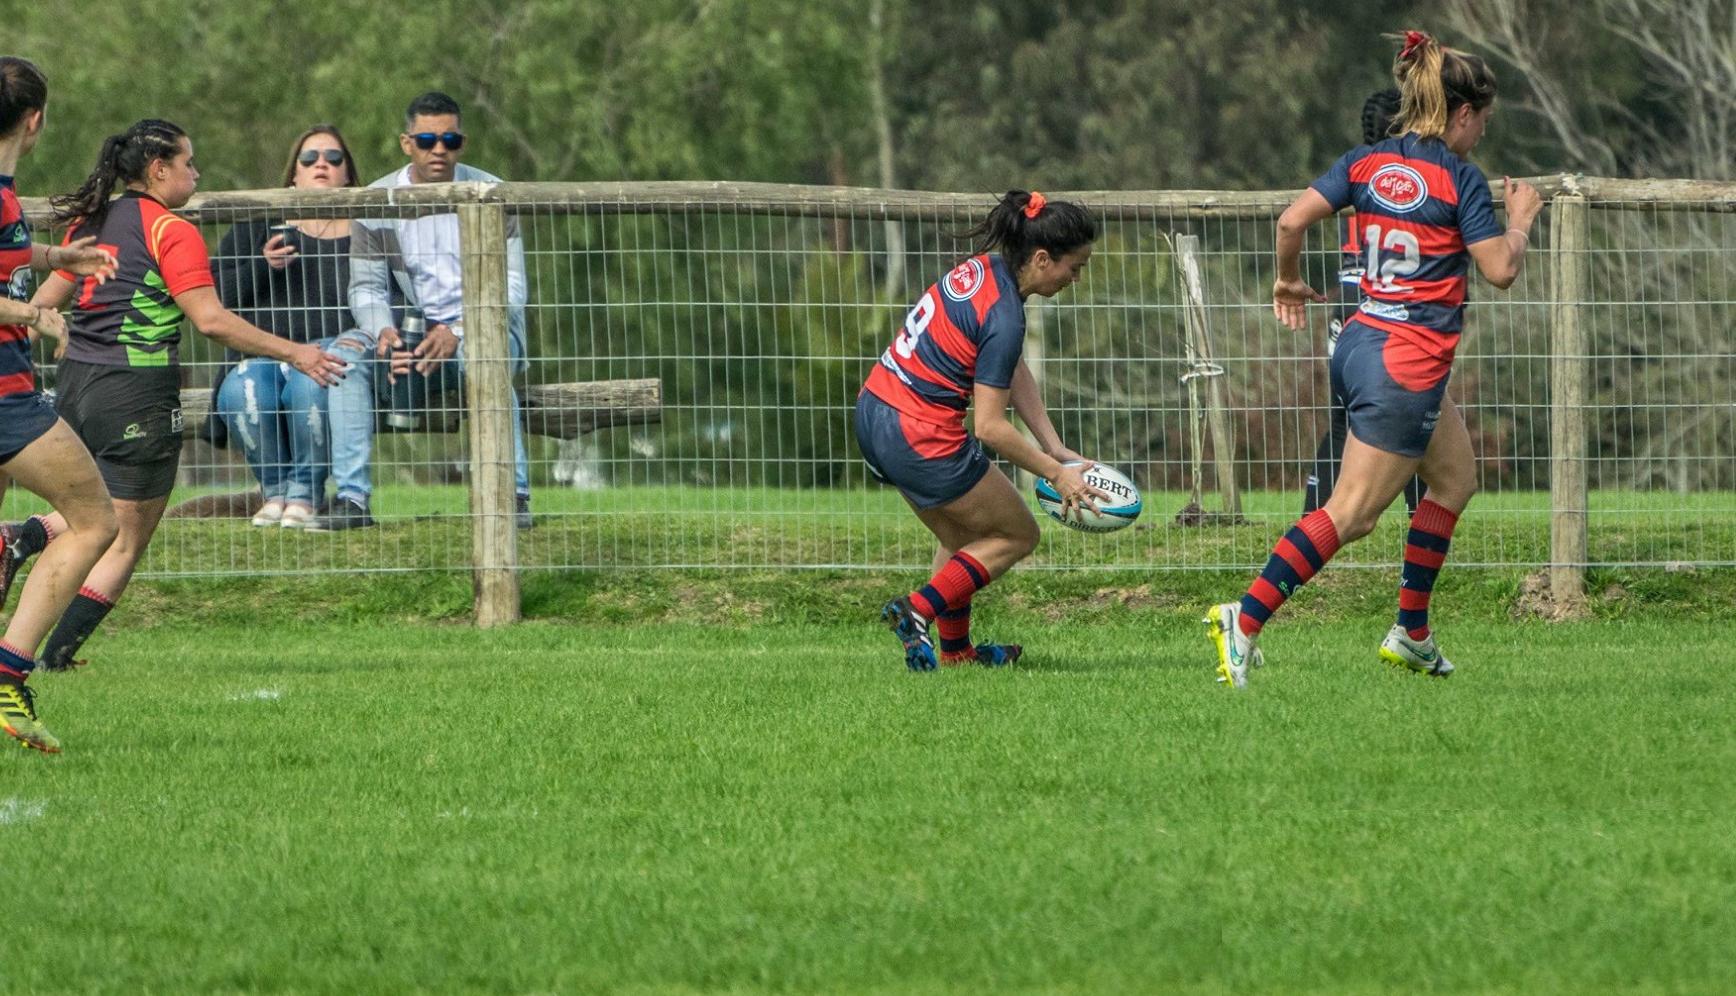 ¡Comienza el Circuito de Rugby Femenino!